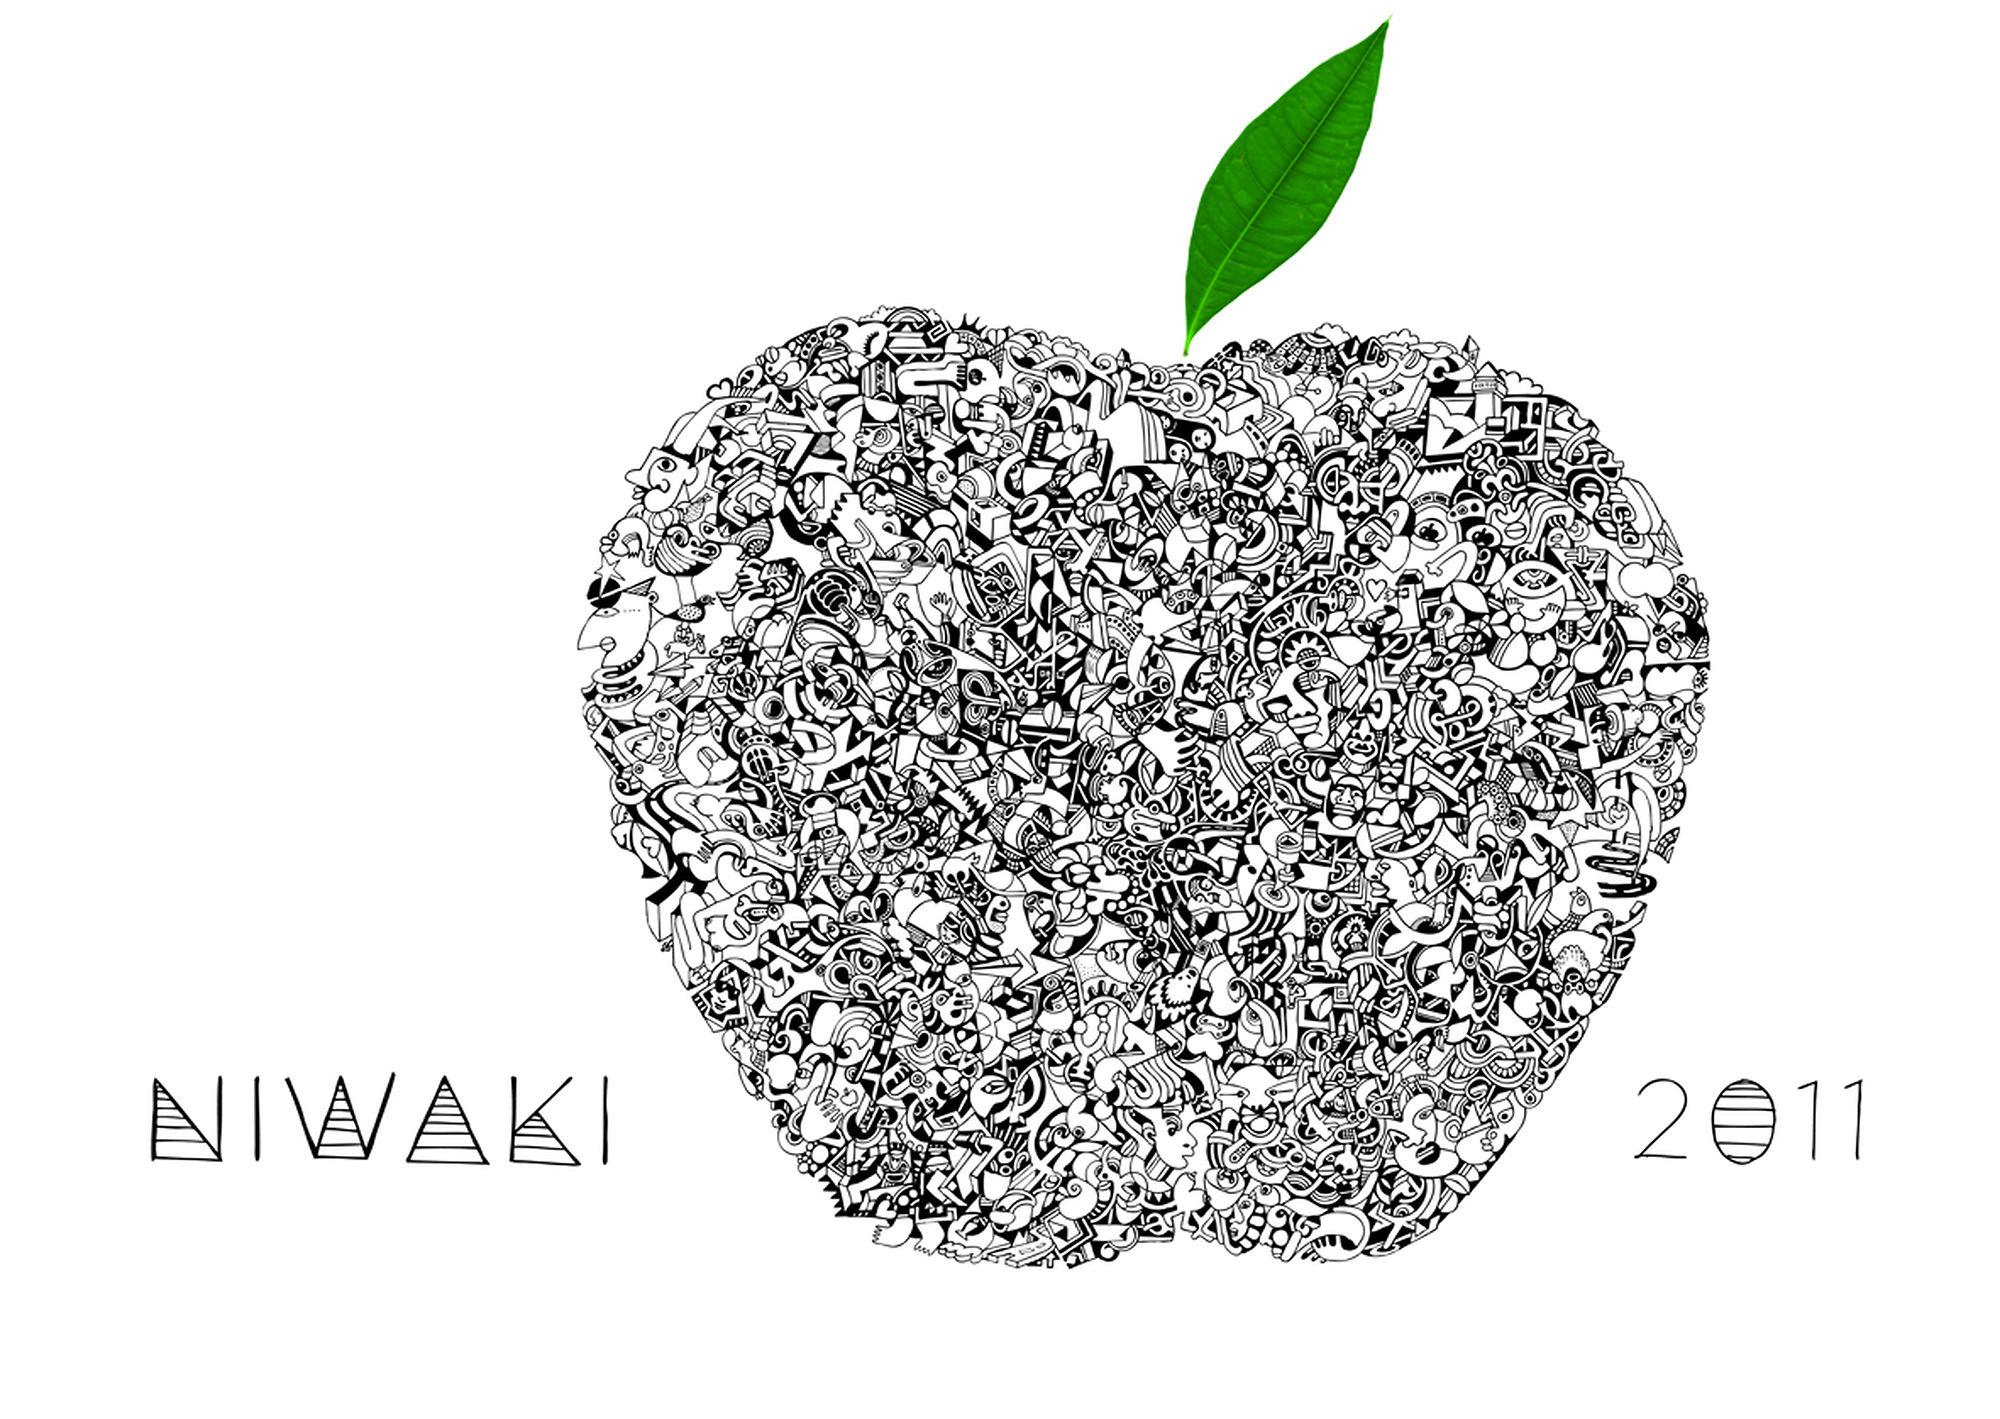 niwaki 2011